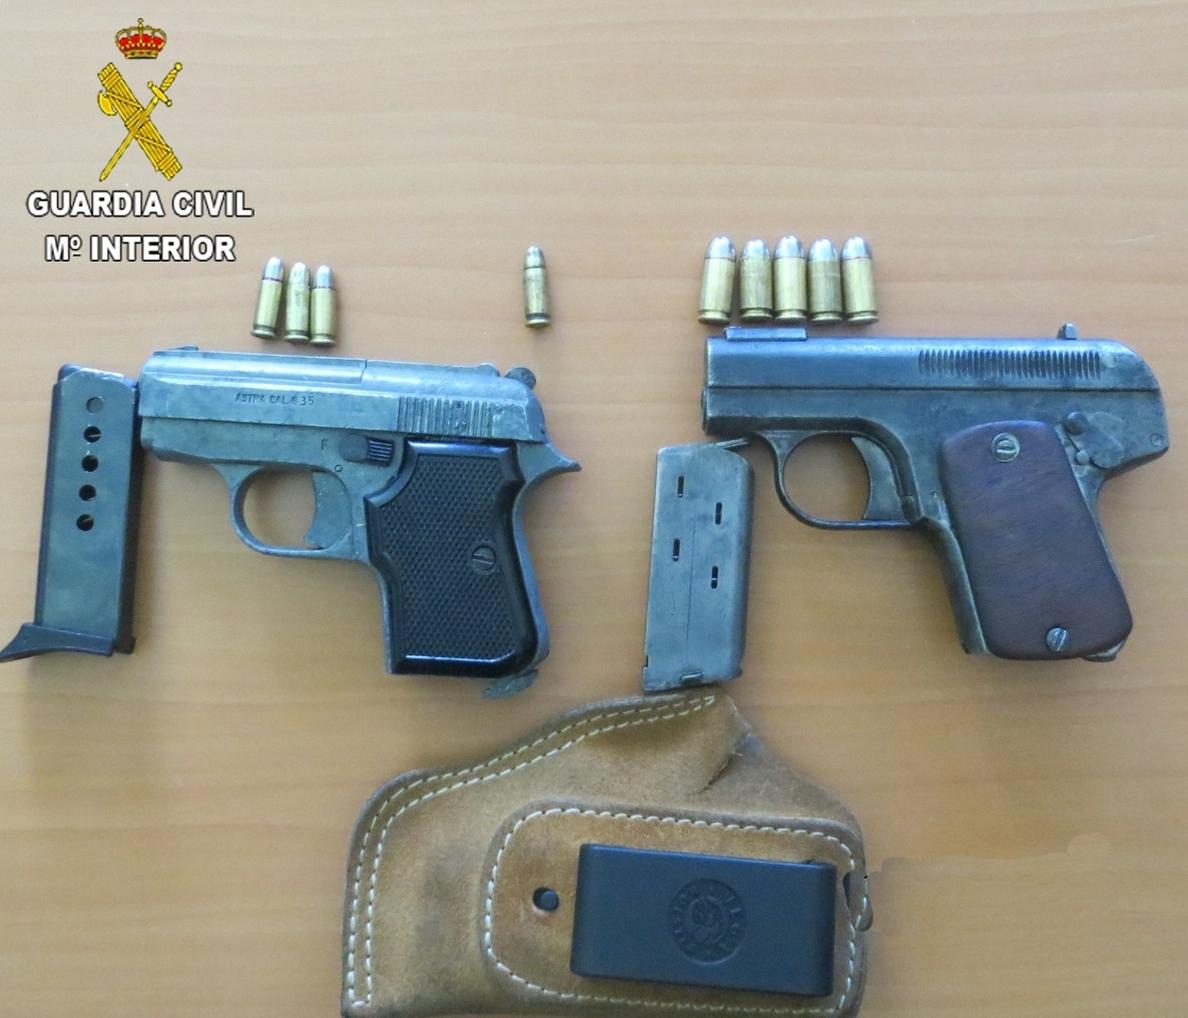 Detenido un hombre de 51 años en Alfaro por tenencia ilícita de armas de fuego